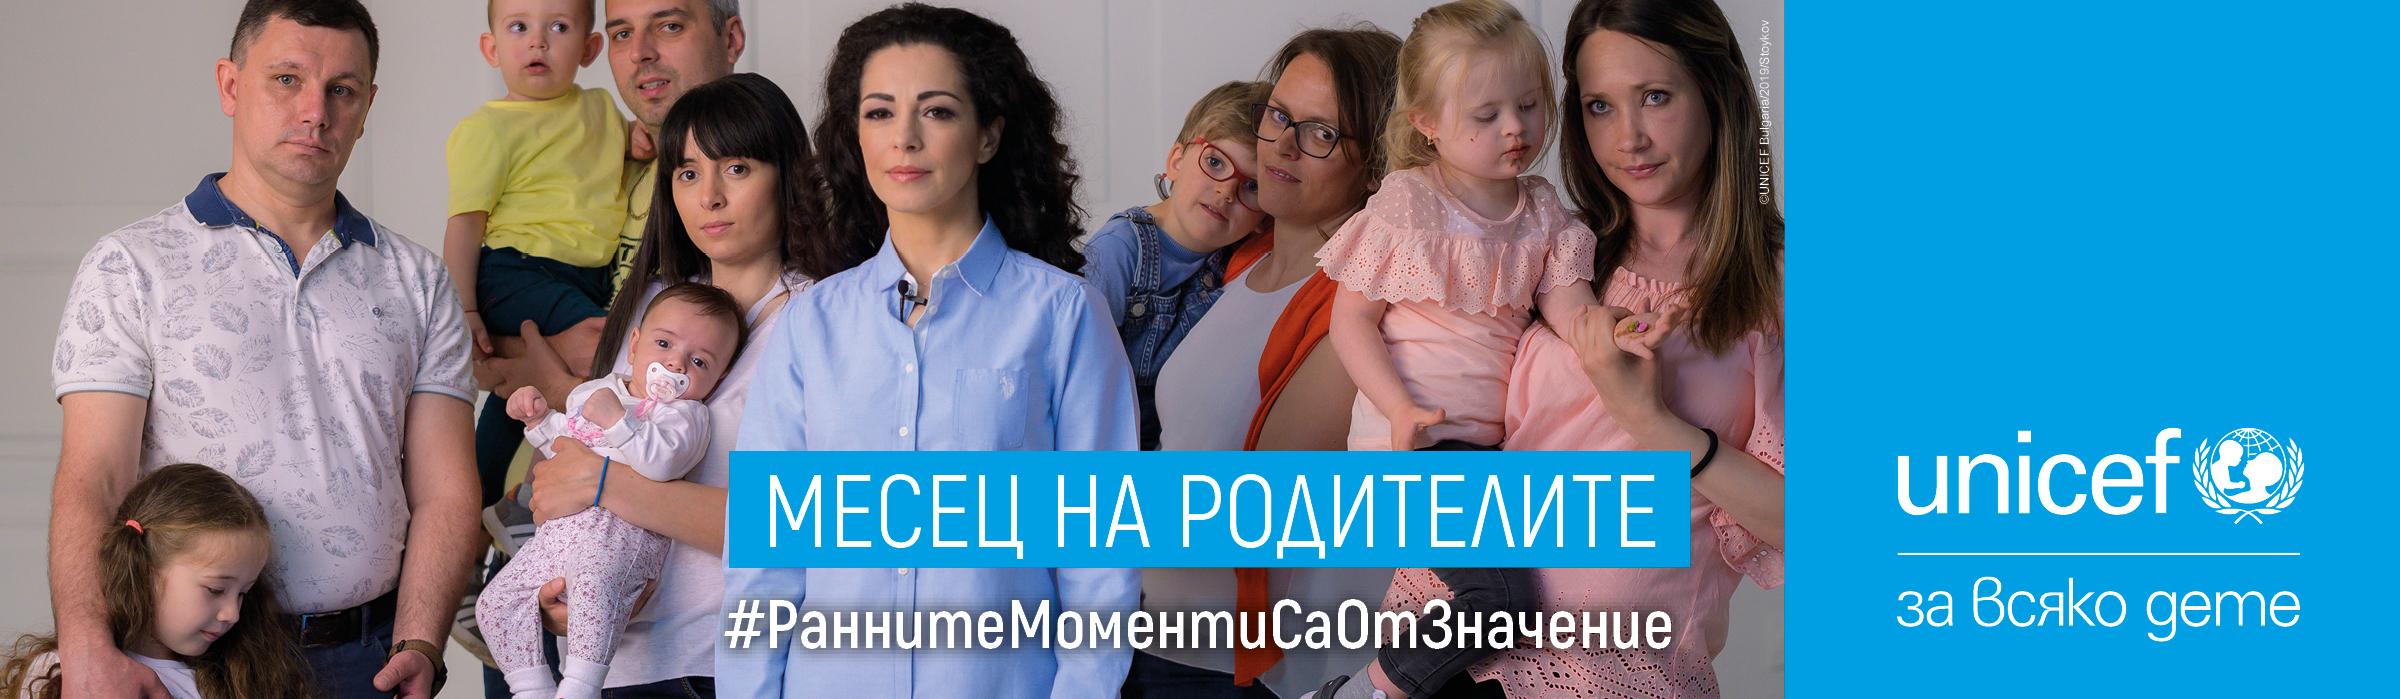 Unicef Кампания Родител